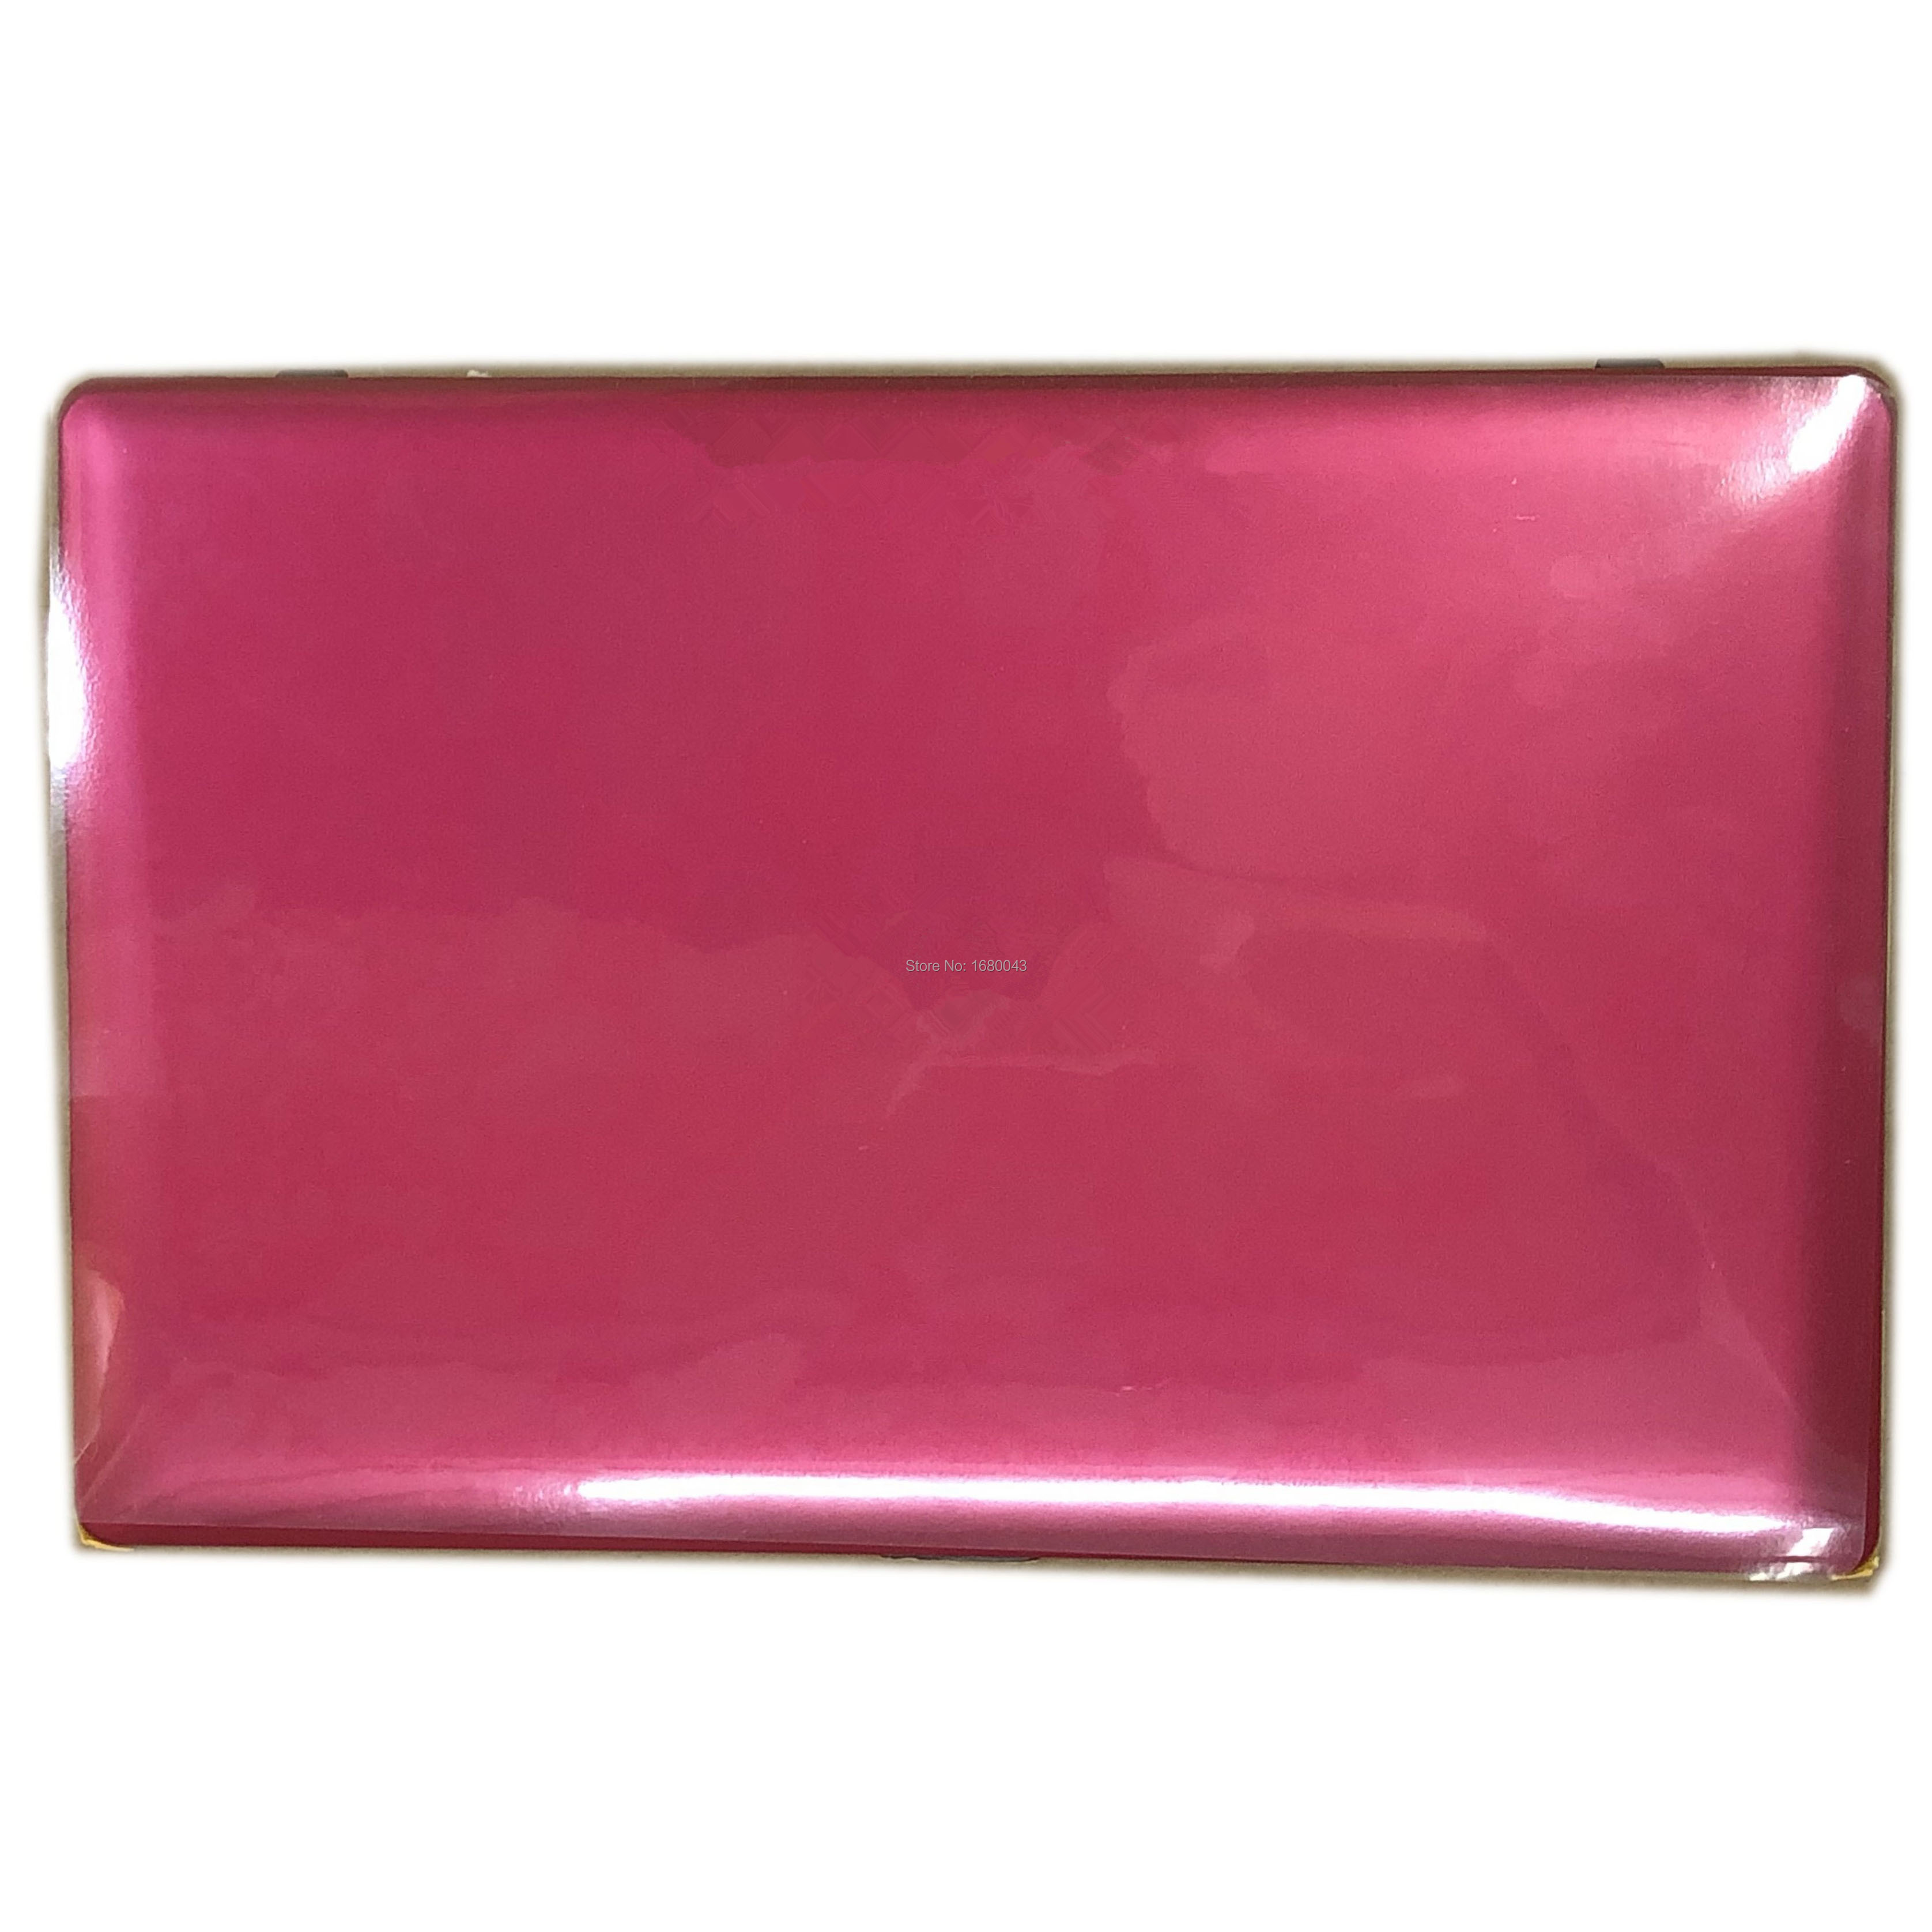 LCD écran LED écran tactile numériseur assemblée verre Rose rouge boîtier avec cadre pièces de rechange pour Asus Vivobook X200CA X200MA